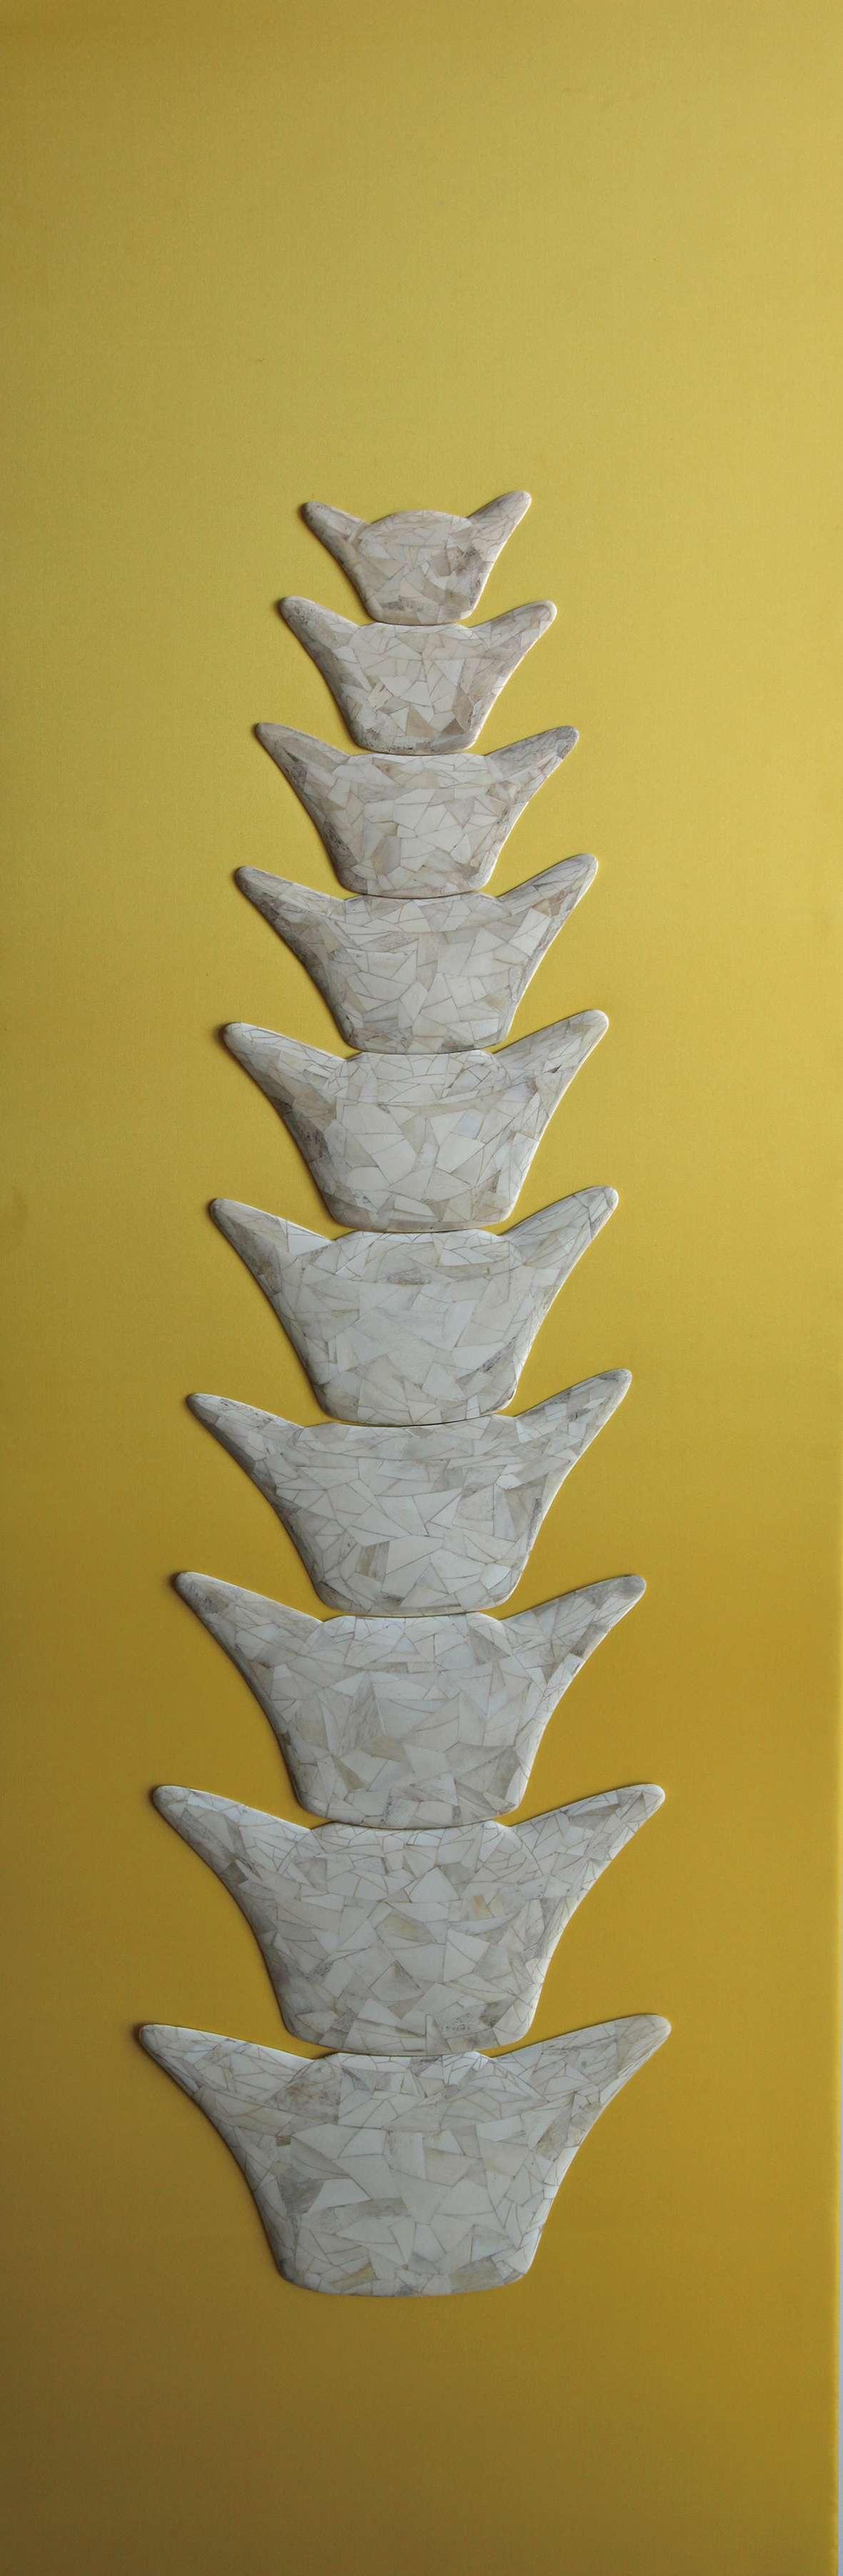 庞海龙    宝塔  材料:牛骨150x50cm   2013_compressed.jpg